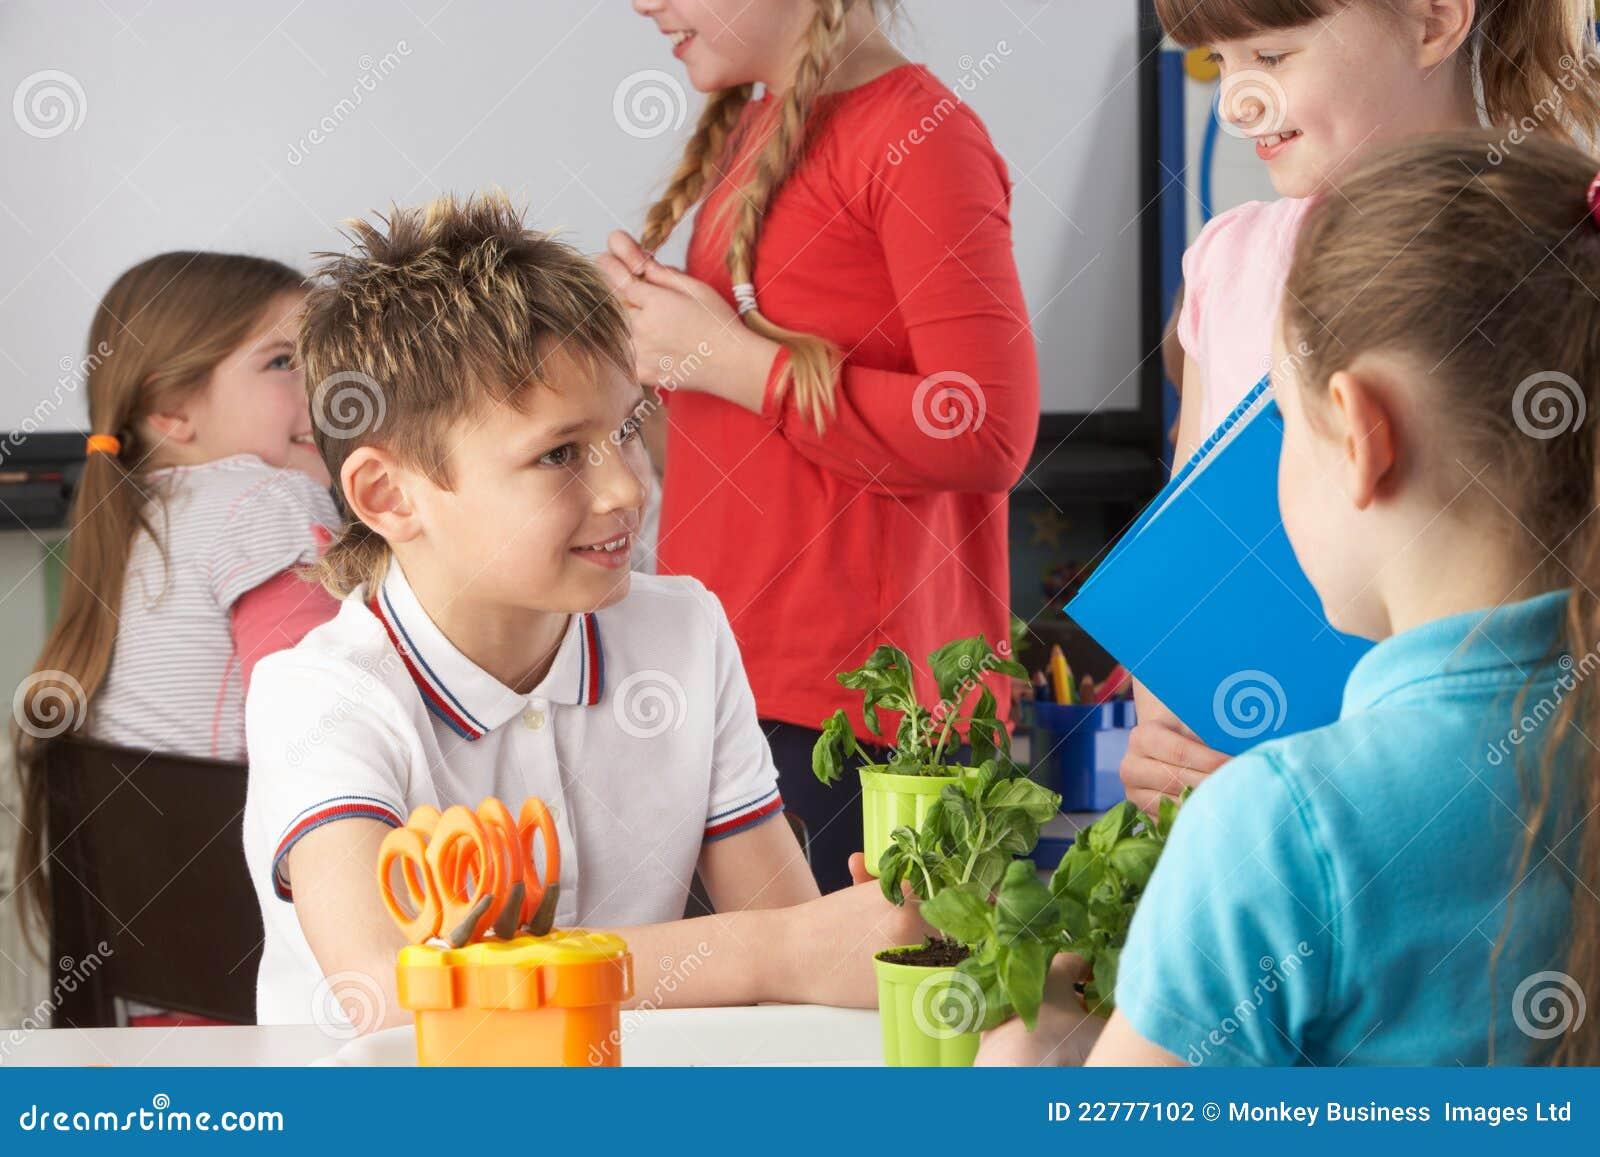 Παιδιά που μαθαίνουν για τα φυτά στη σχολική τάξη